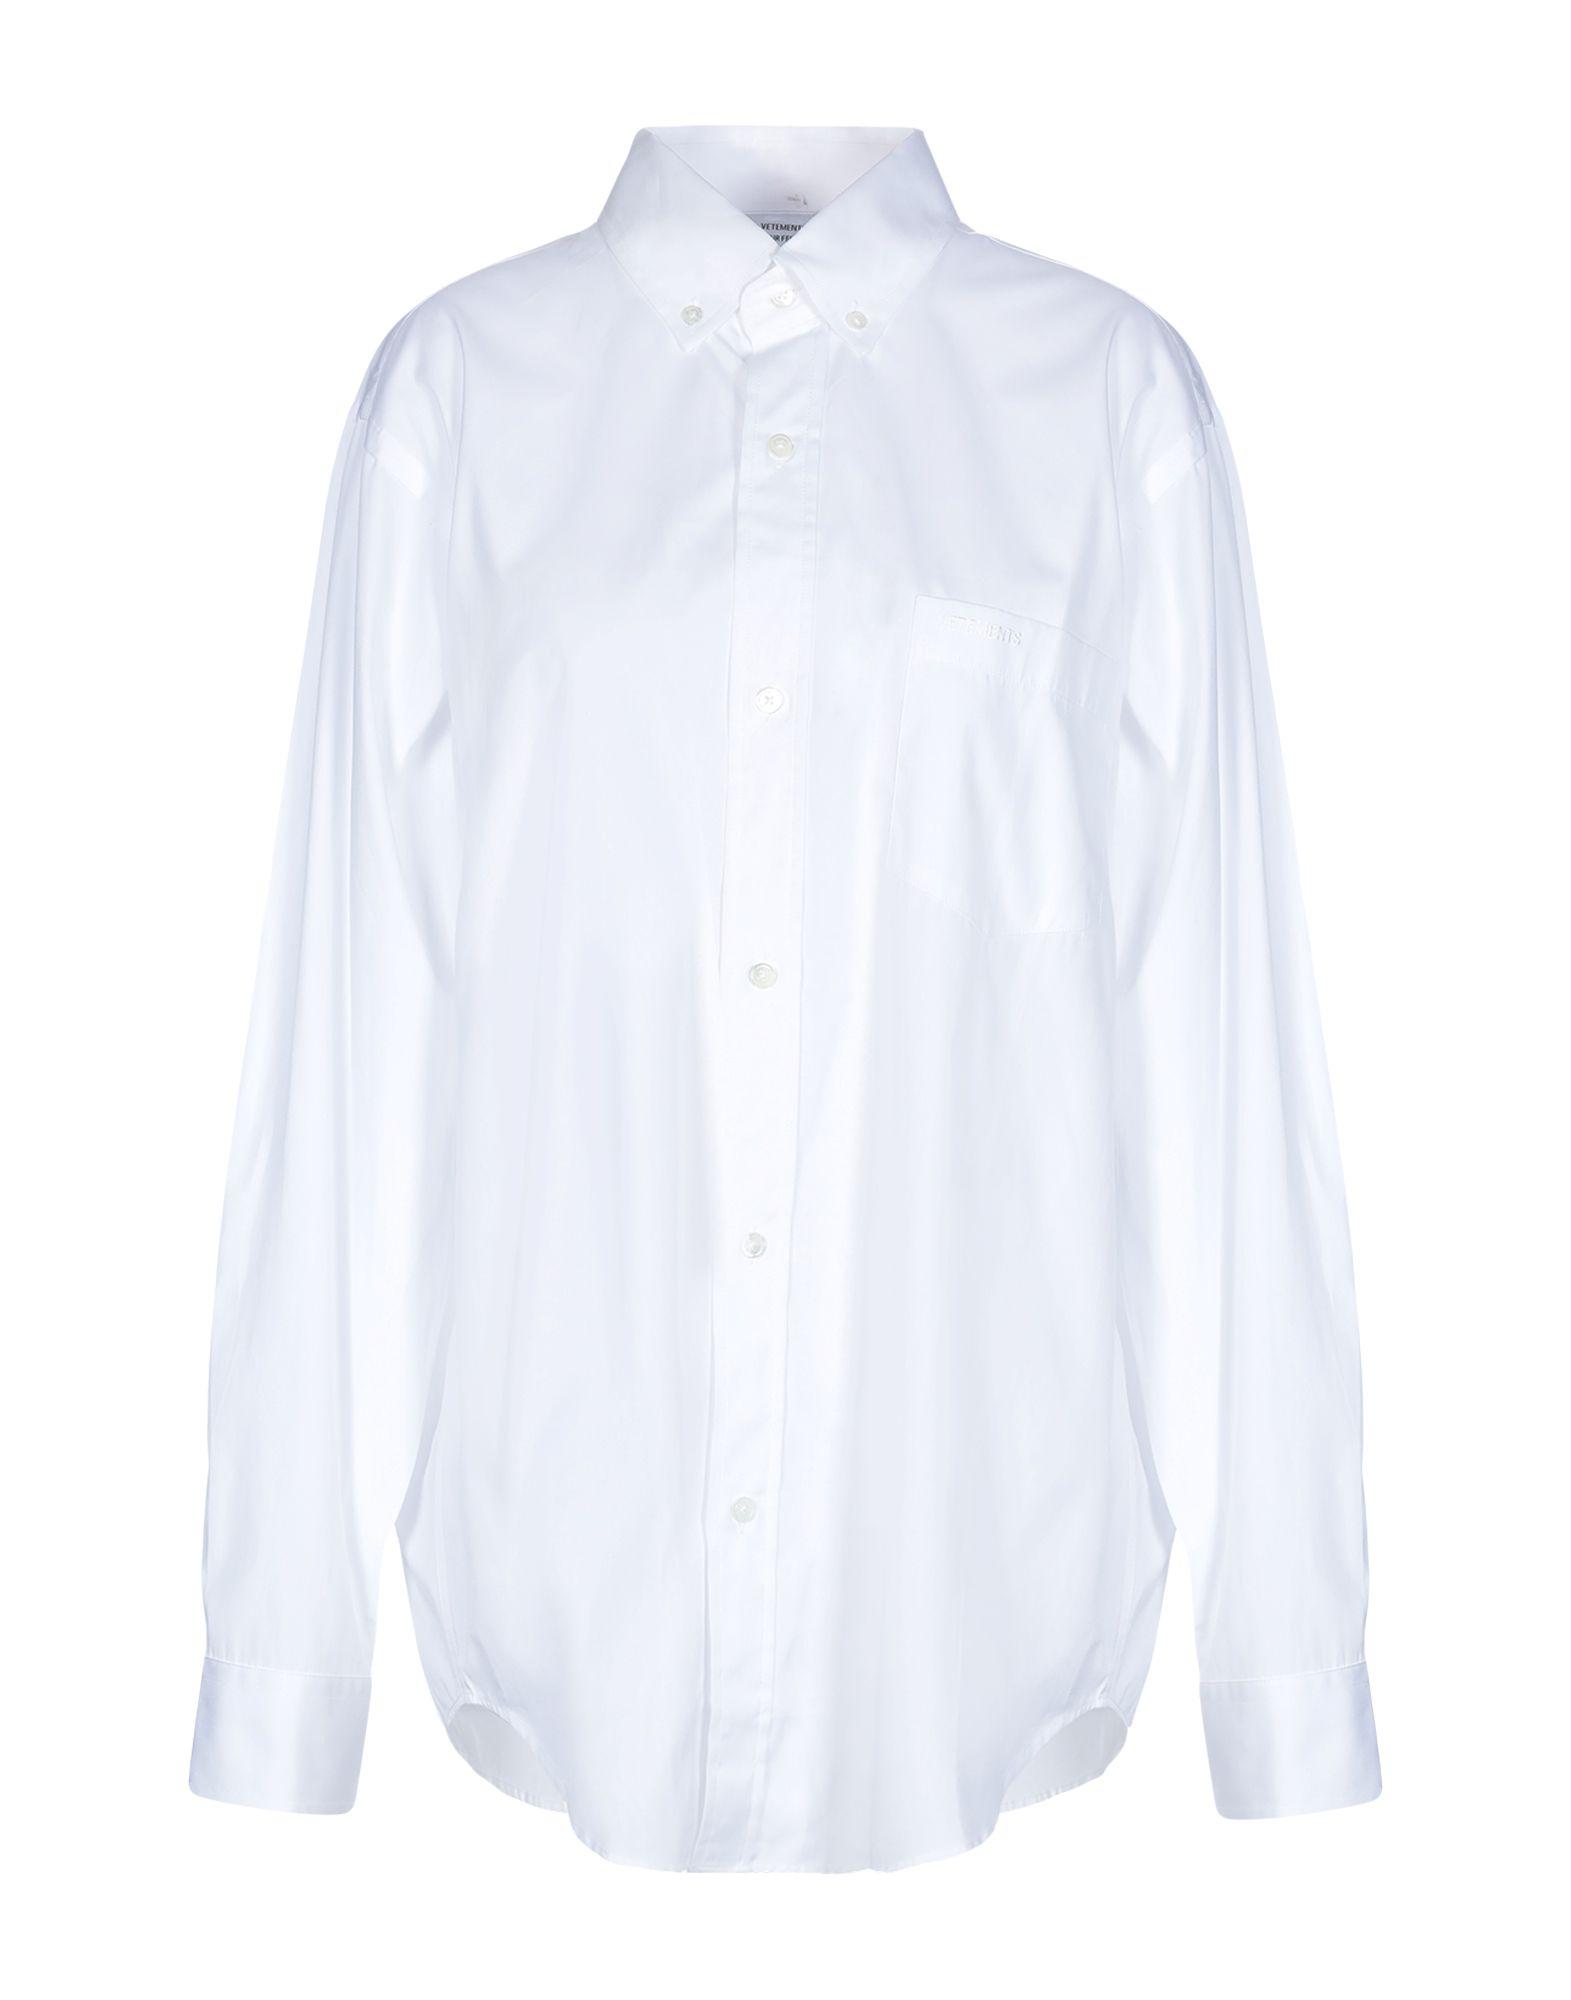 VETEMENTS 셔츠 - Item 38793604